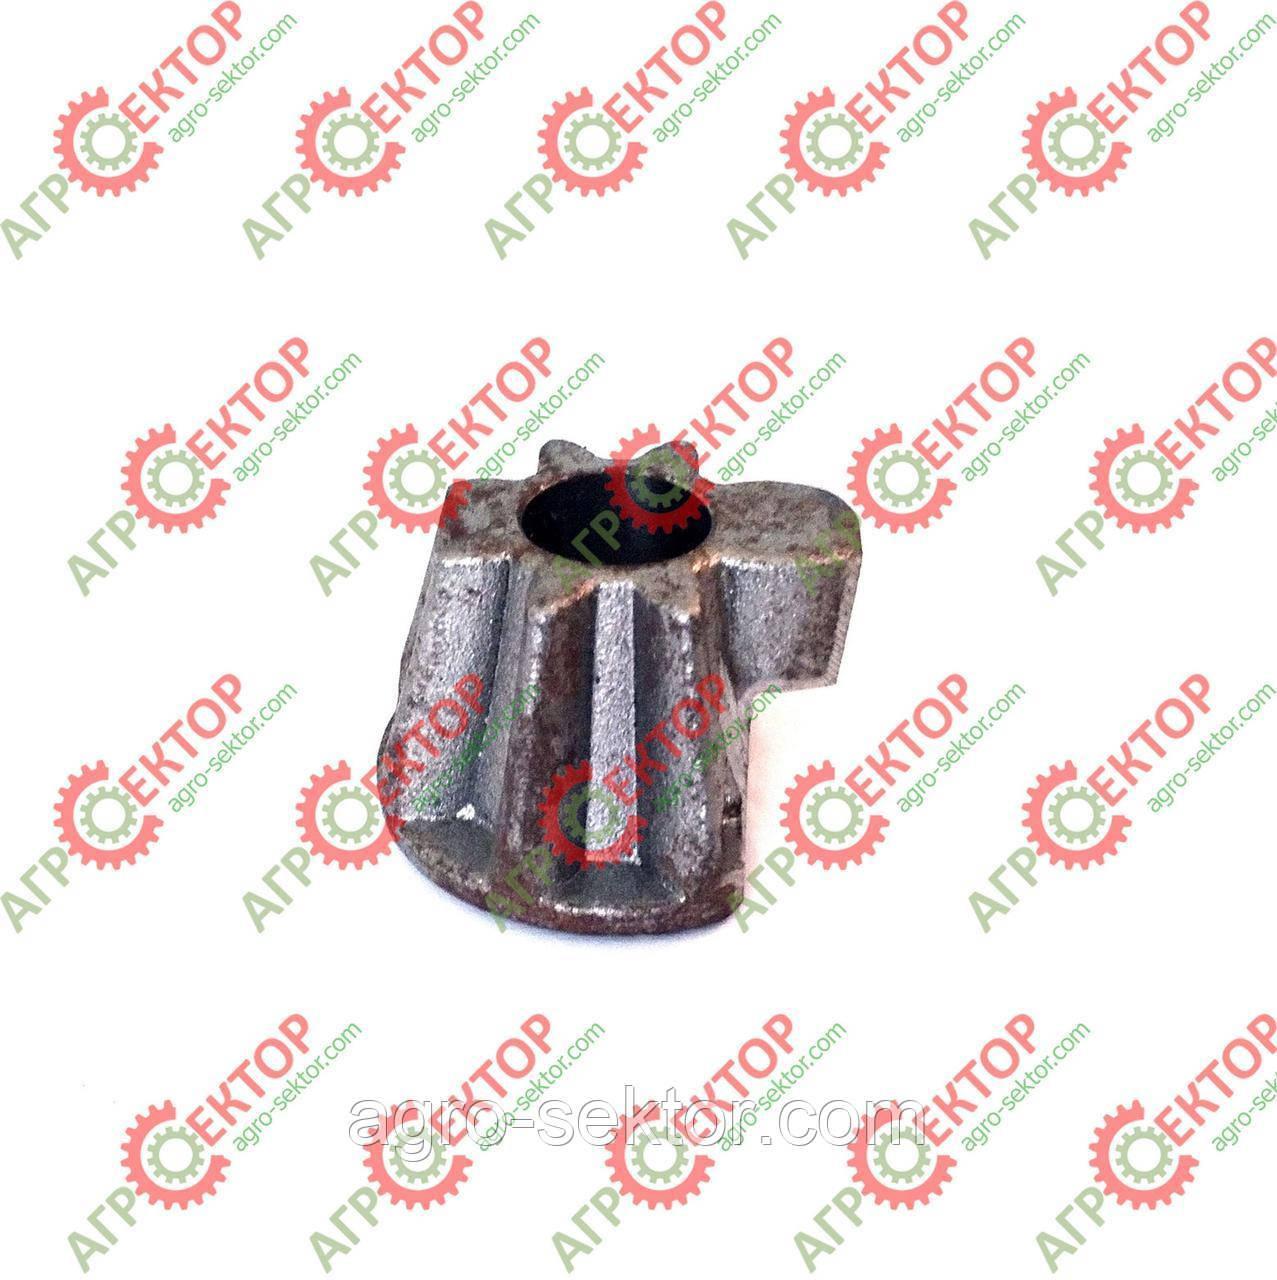 Зірочка вала червяка в'язального апарату аналог сипма на прес-підбирач Famarol Z-511 8245-511-070-028